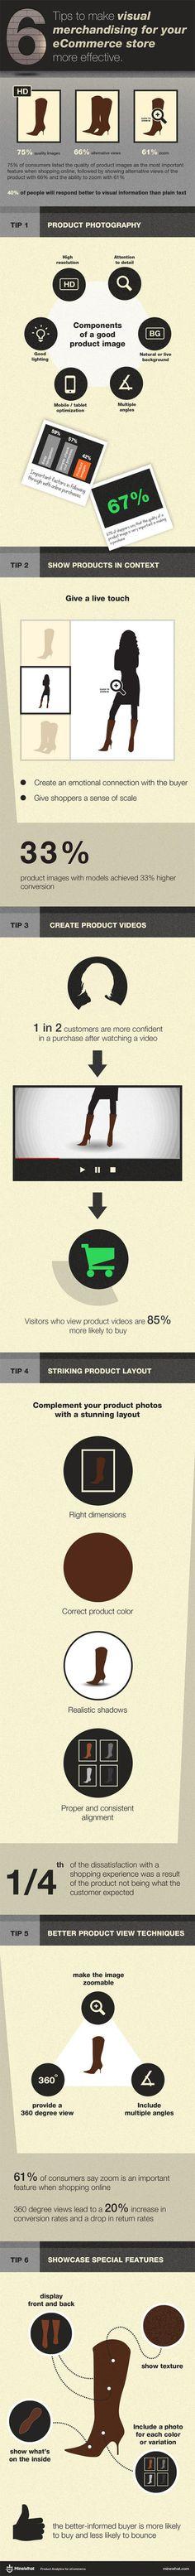 Werbung für den eigenen E-Commerce-Shop sollte visuell ansprechend sein. #ecommerce #marketing